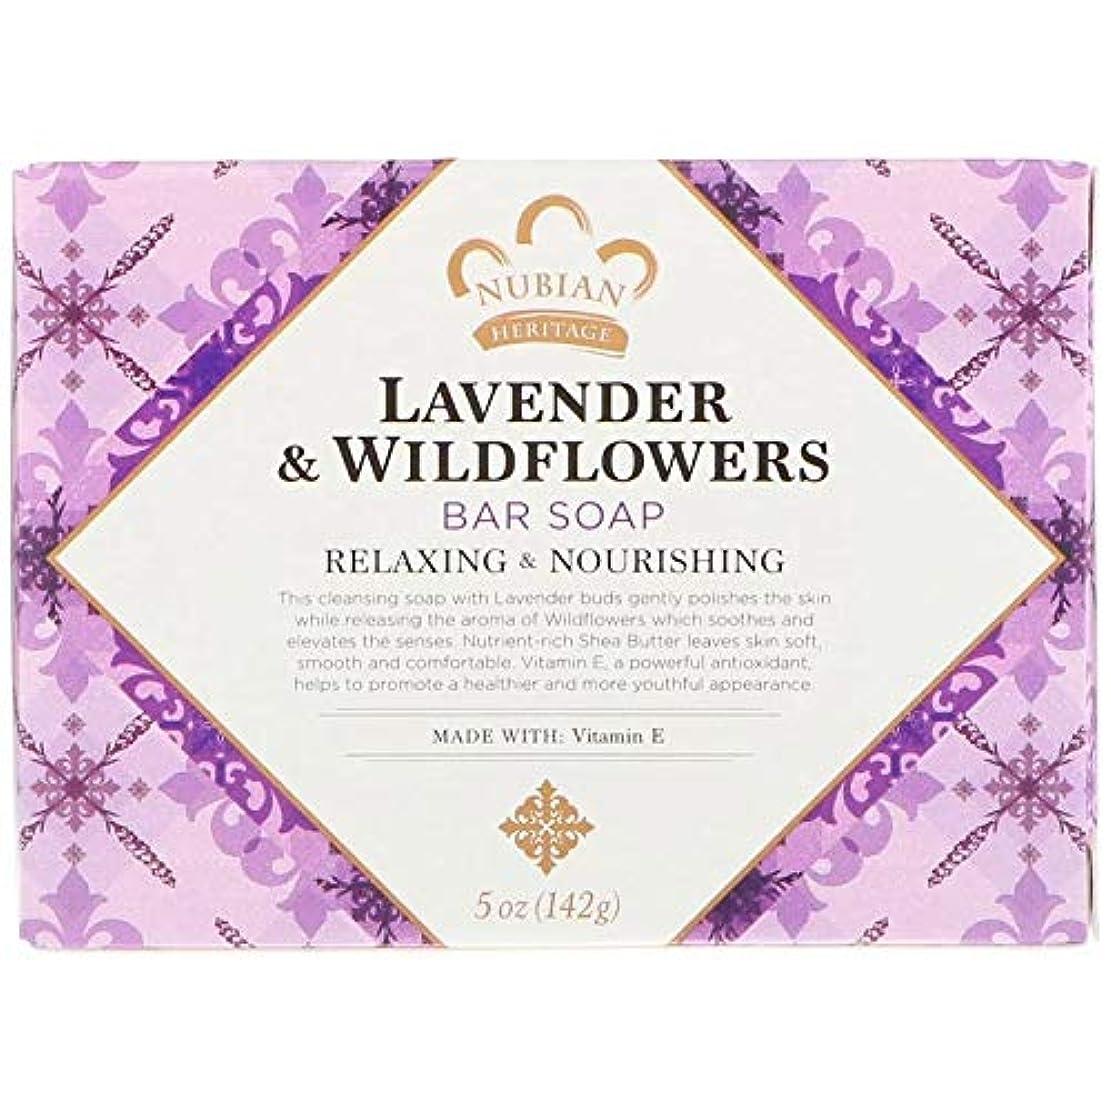 役に立たないスロープ雑多なシアバターソープ石鹸 ラベンダー&ワイルドフラワー Lavender & Wildflowers Bar Soap, 5 oz (142 g) [並行輸入品]